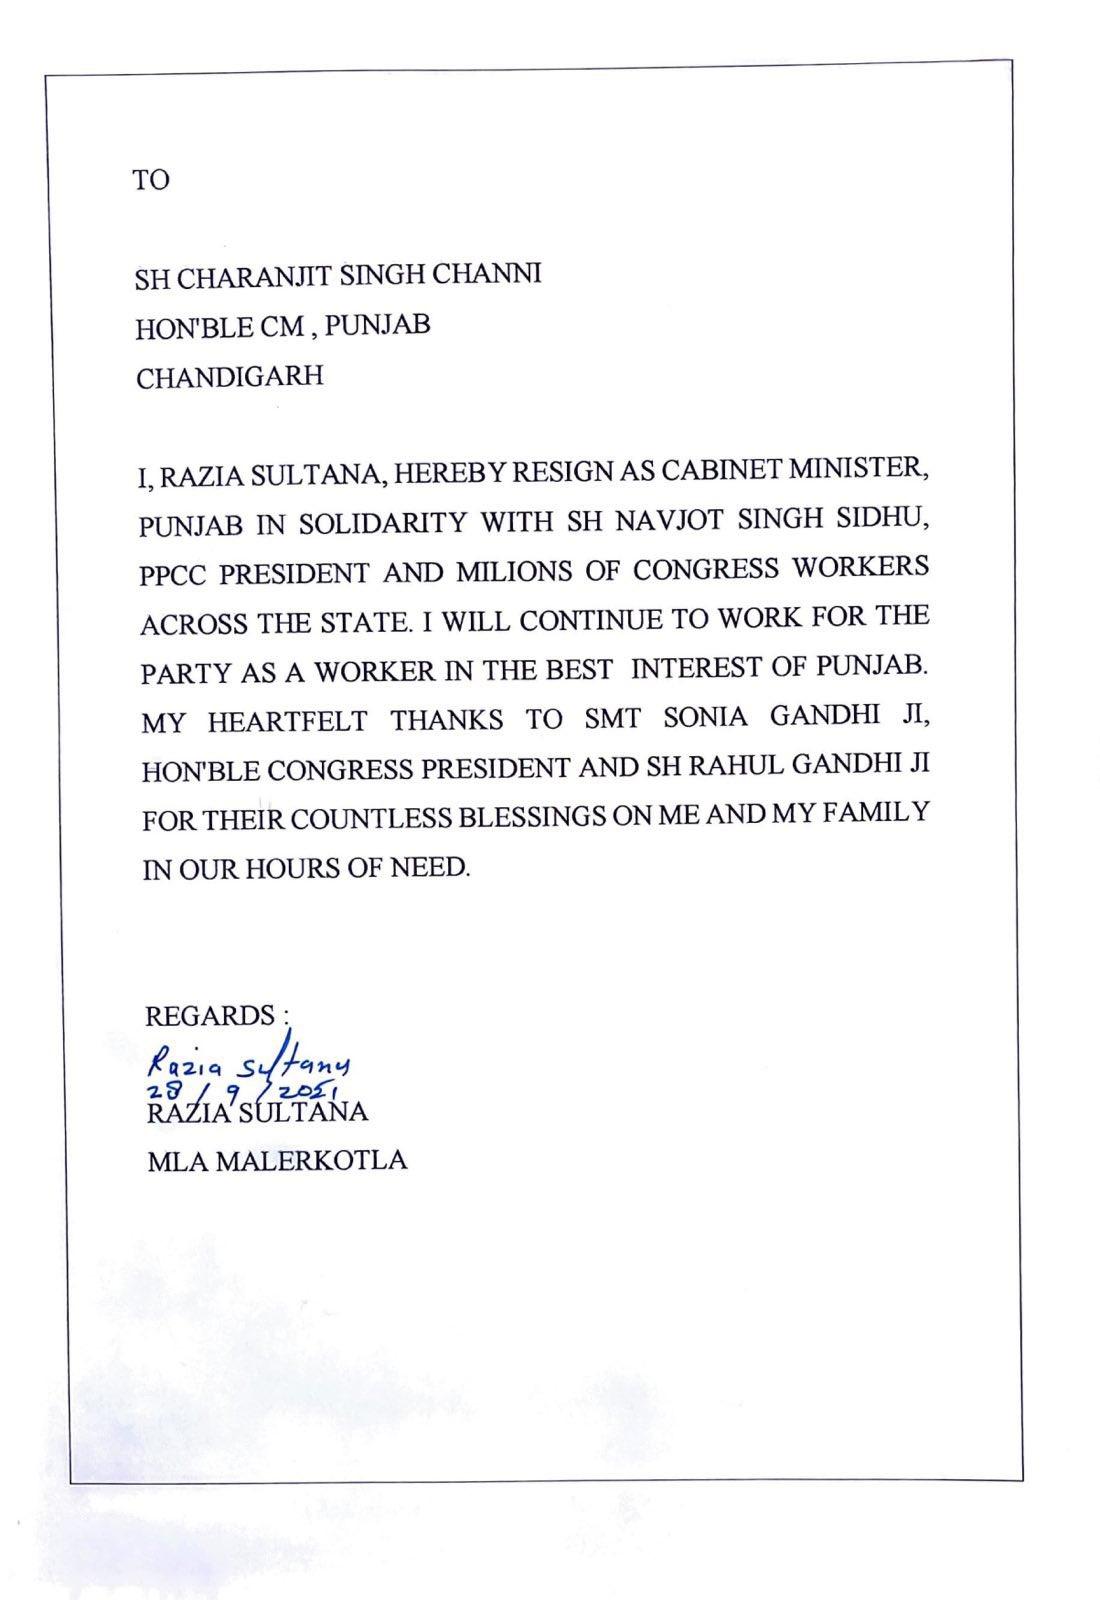 पंजाब के मुख्यमंत्री चरणजीत सिंह चन्नी को भेजा गया रजिया सुल्ताना का इस्तीफा।